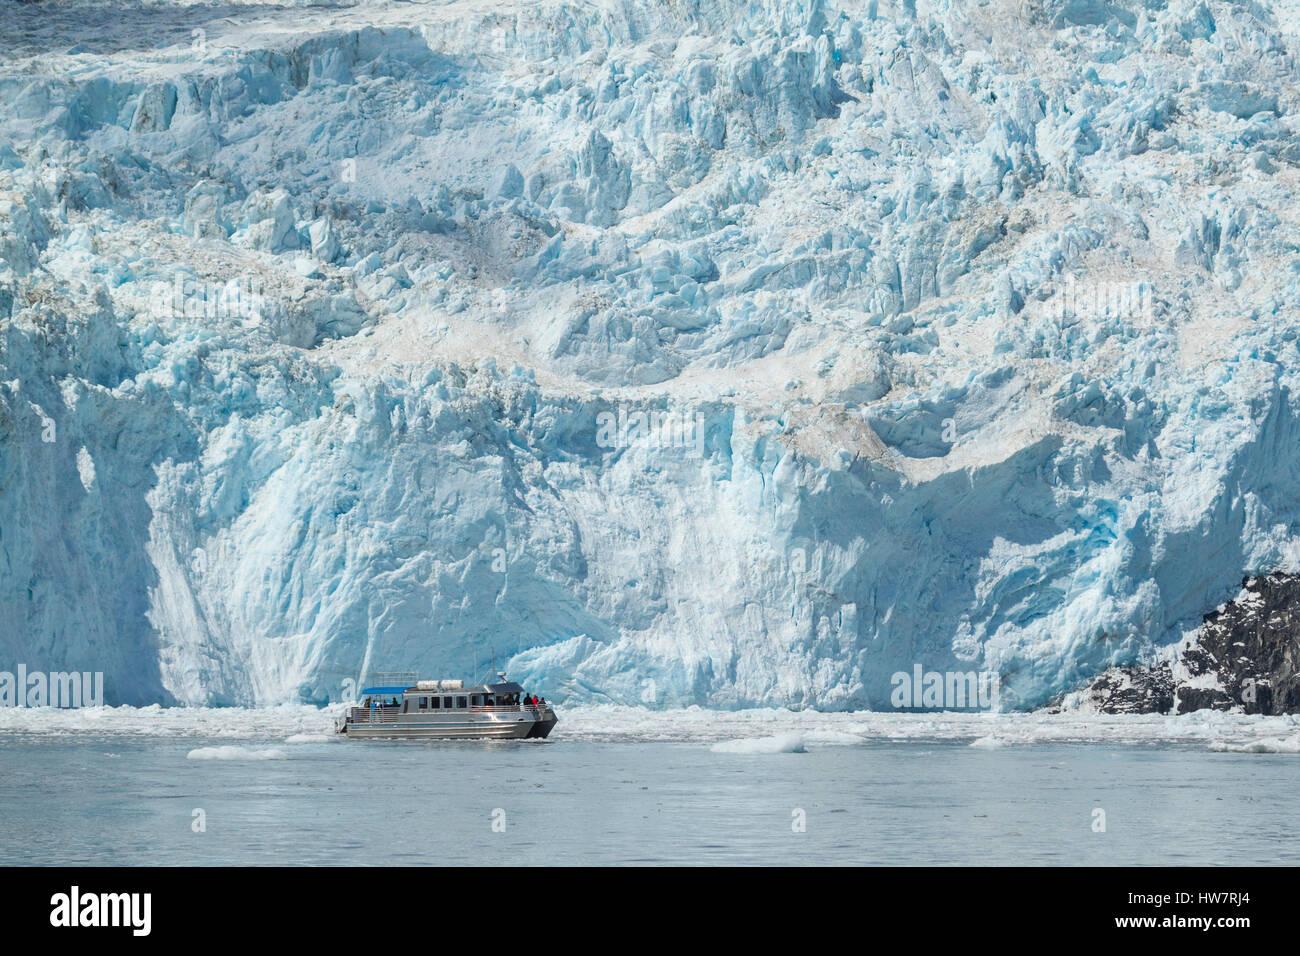 Voile en face de Glacier Aialik, Kenai Fjords National Park, Alaska. Photo Stock